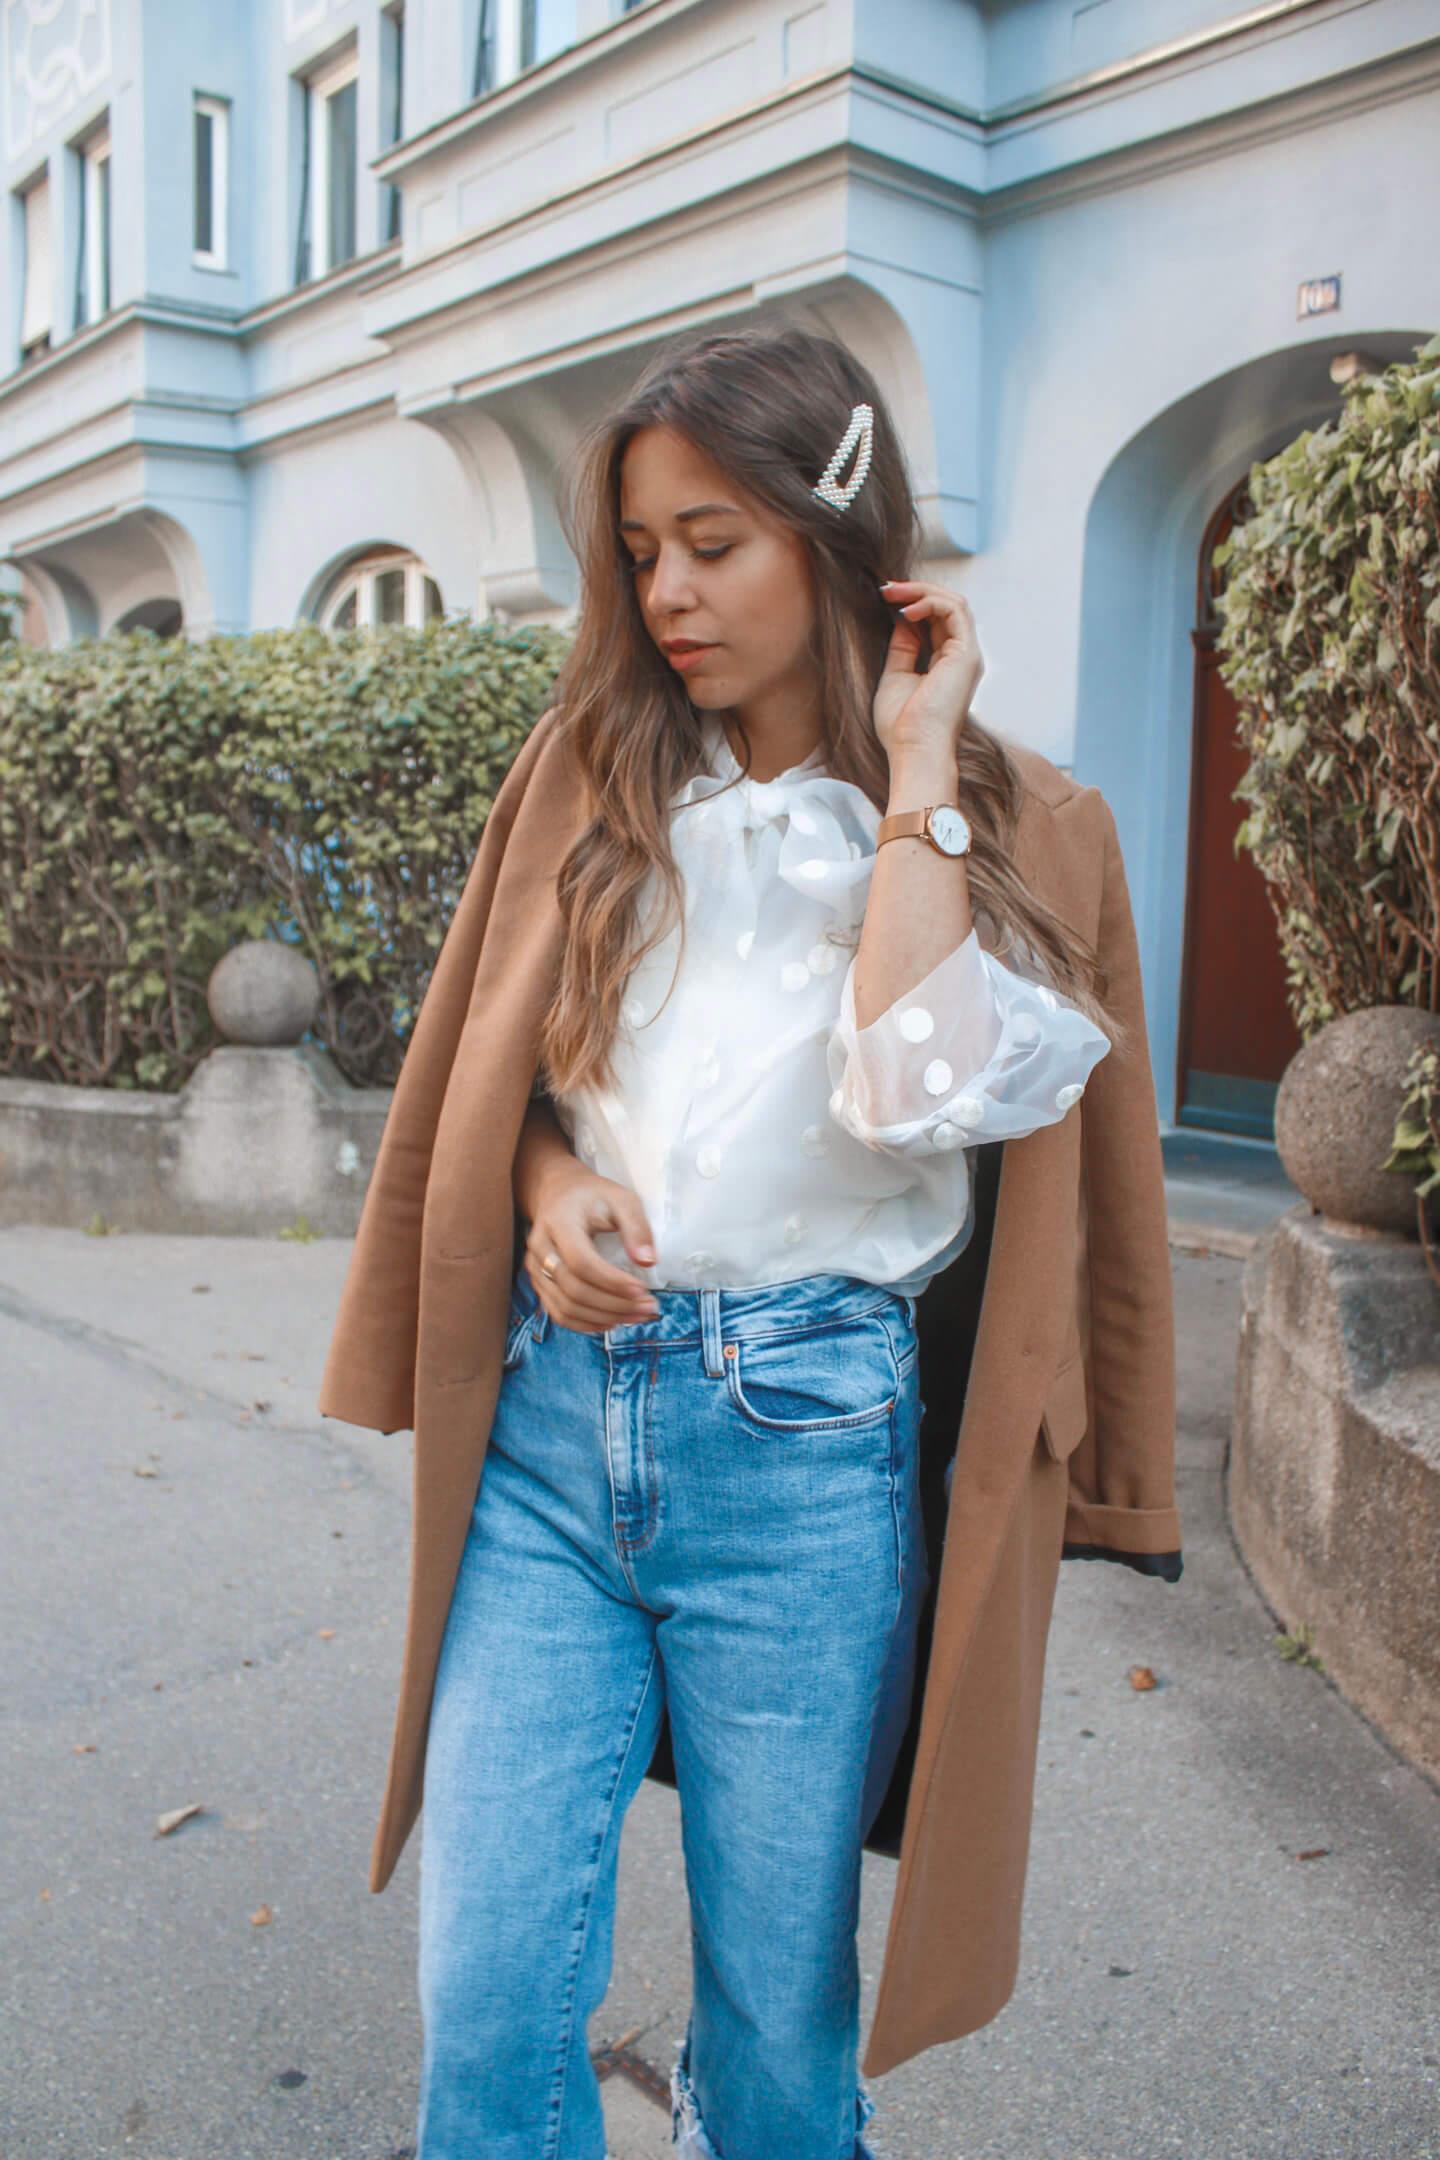 Punktgenau! Outfit mit gepunkteter transparenter Organzabluse